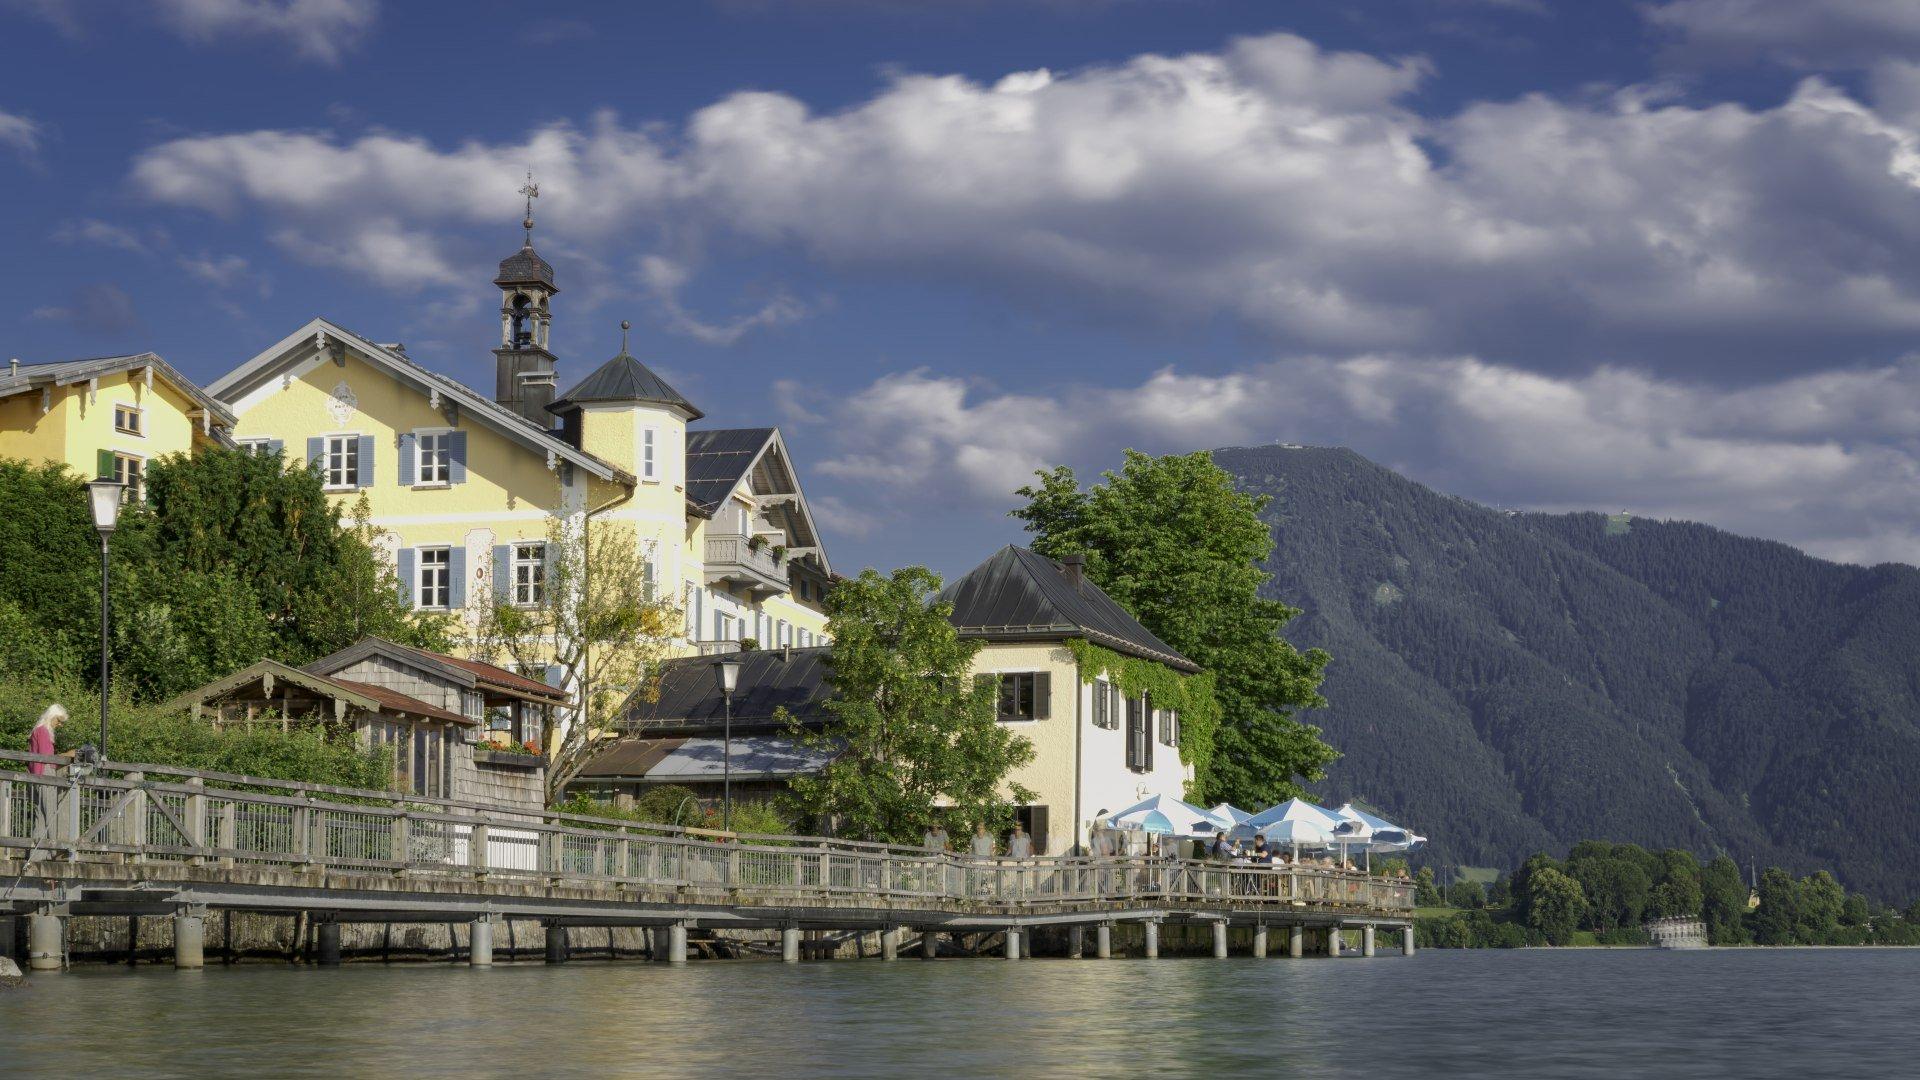 Die Seepromenade in Tegernsee Stadt, © Der Tegernsee, Dietmar Denger